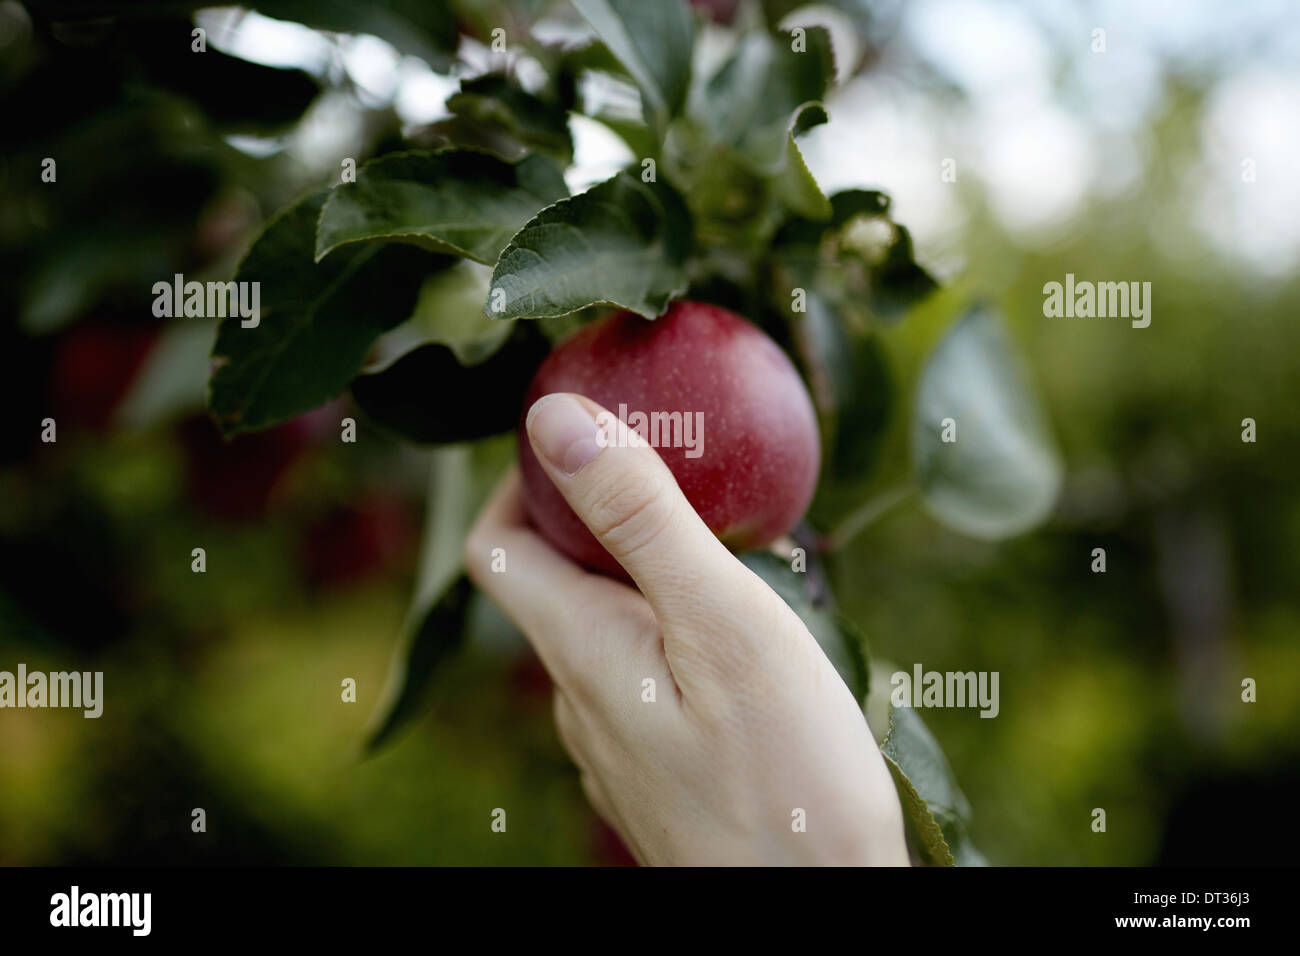 Eine Hand greift sich in den Zweigen eines Obstbaumes Kommissionierung einen rote Reifen Apfel Stockbild